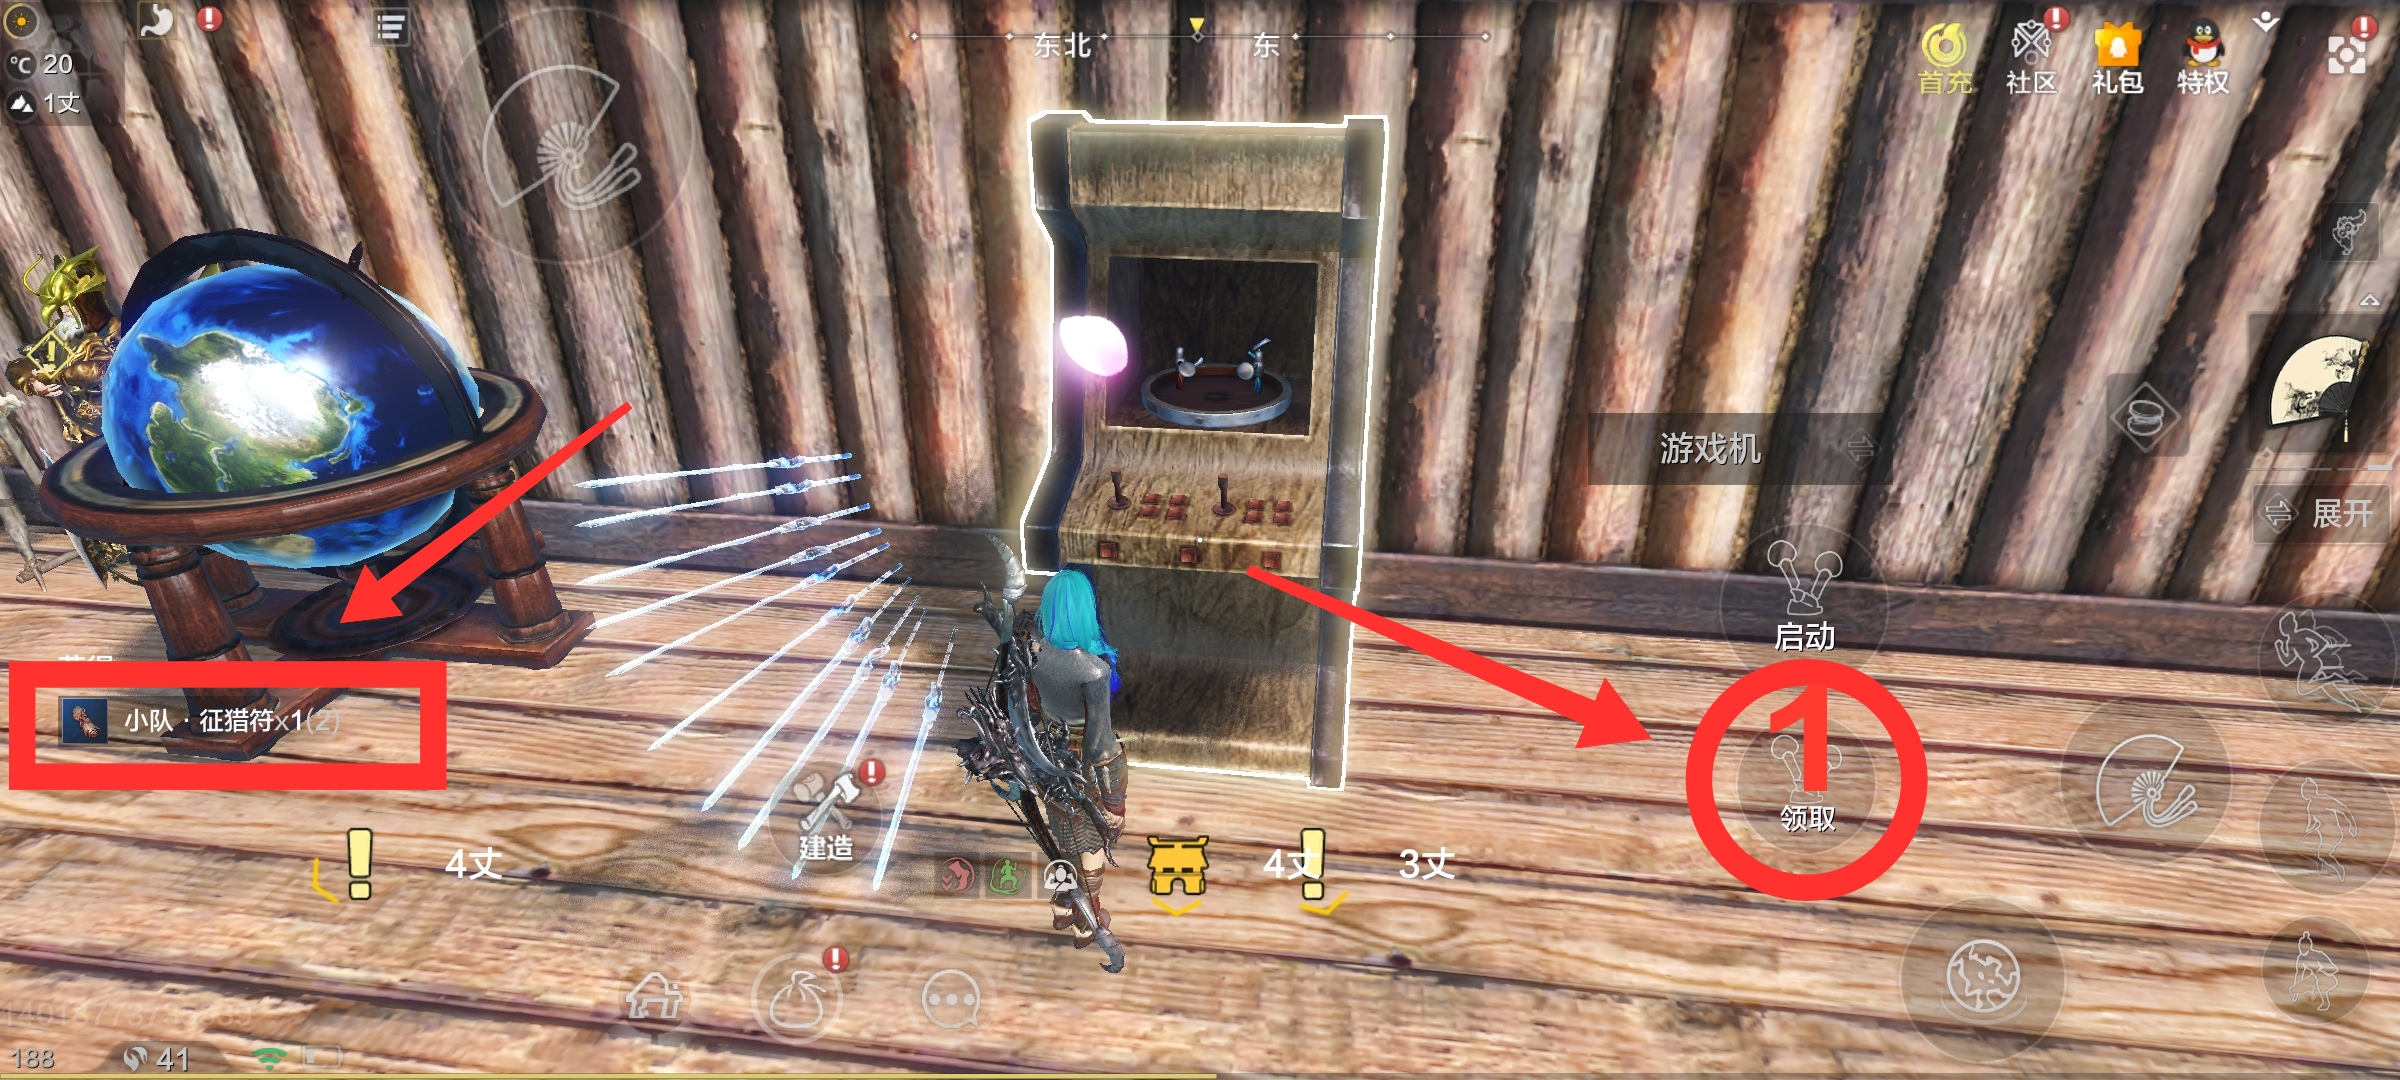 妄想山海游戏机怎么赚贝币 游戏机玩法攻略